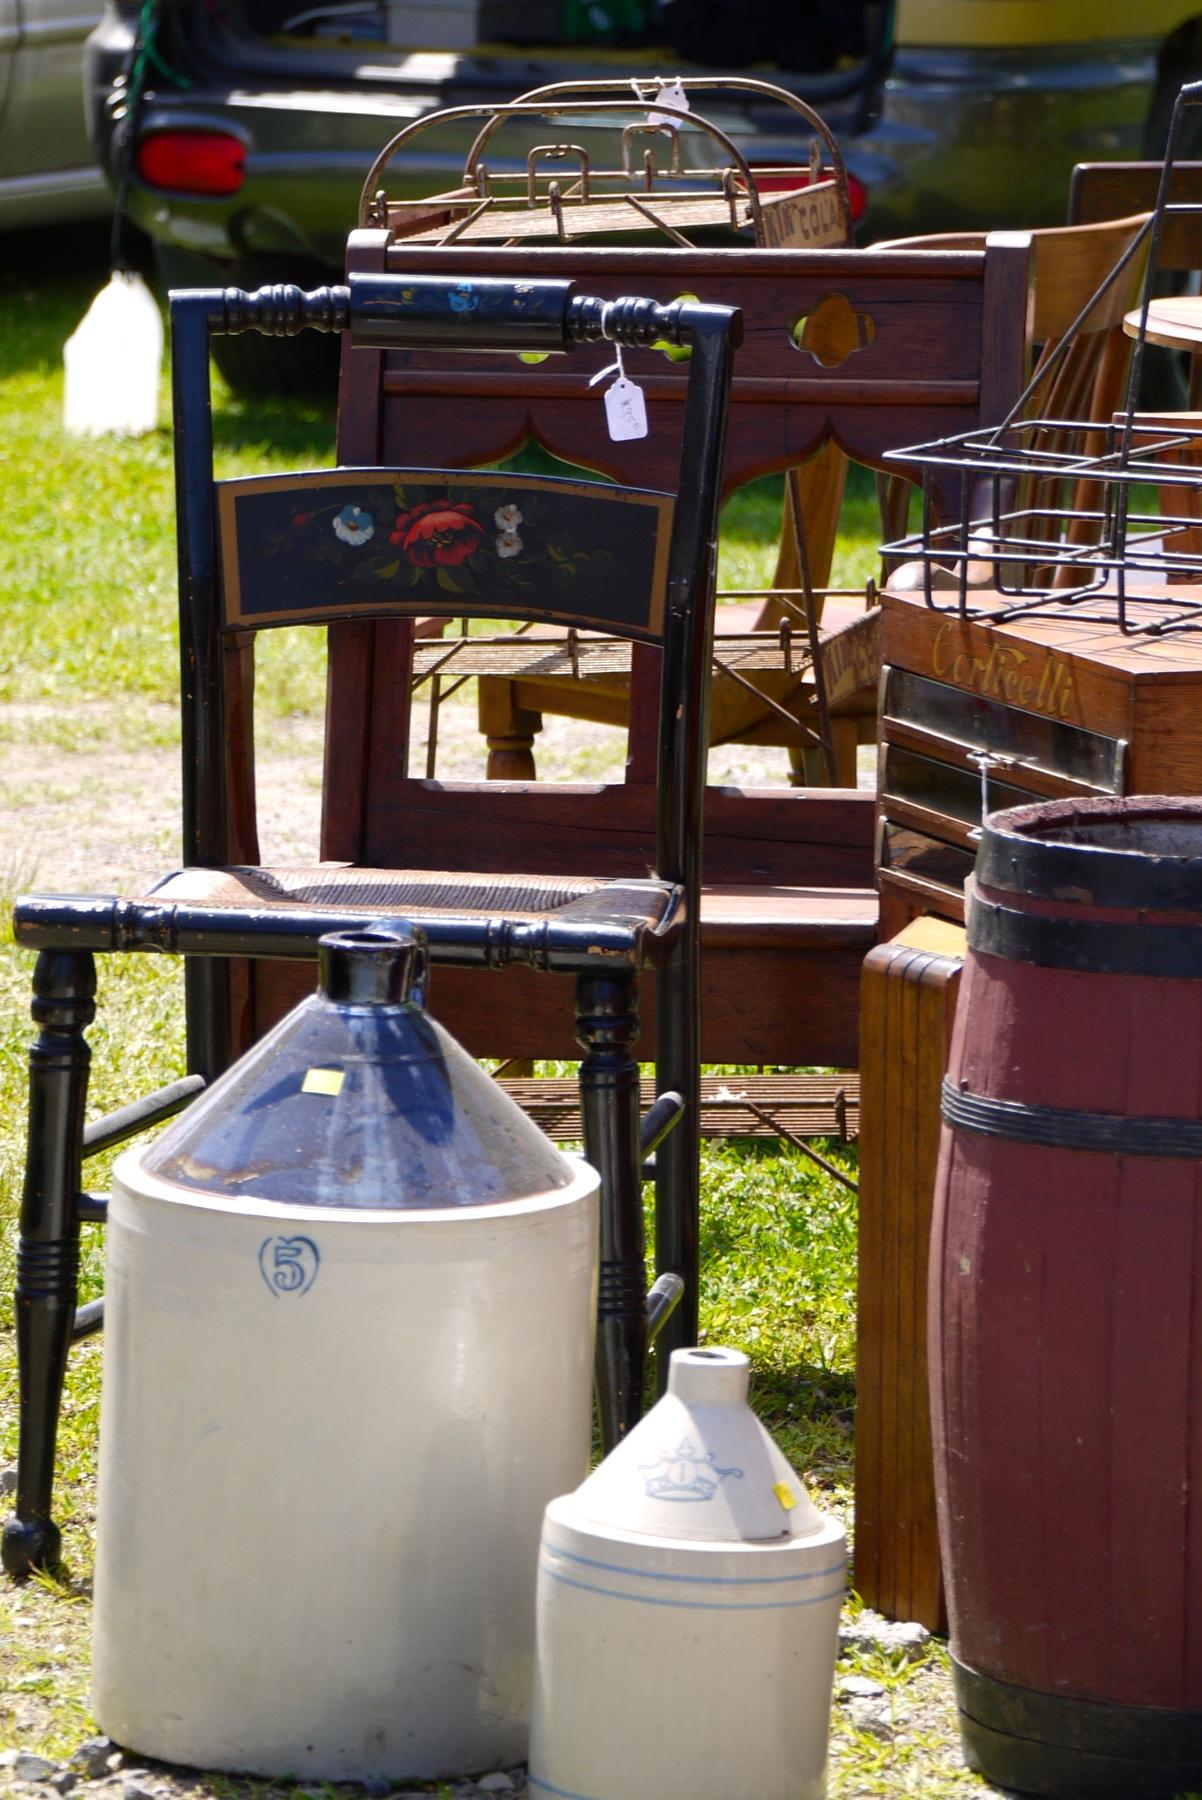 Vieilles chaises et bidons au Marché Finnegan.